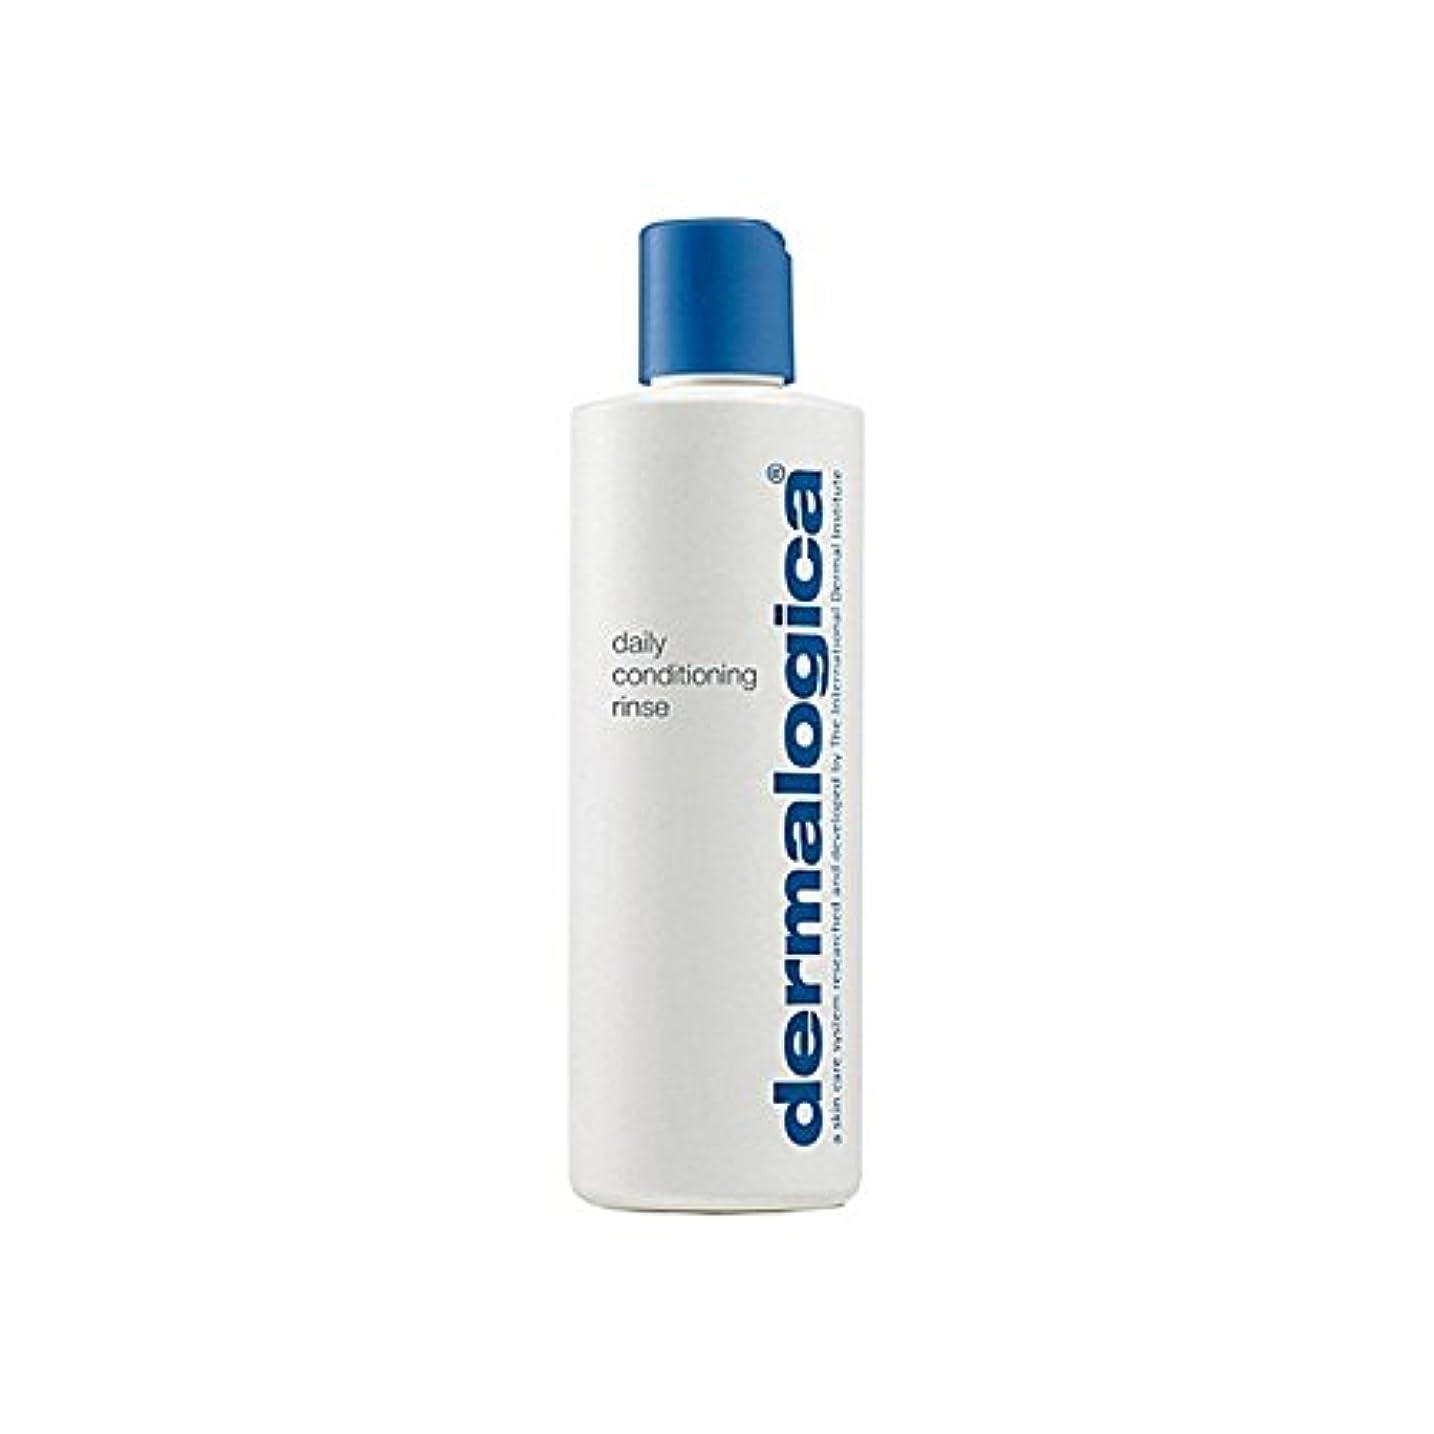 経済的部分的に講師Dermalogica Daily Conditioning Rinse 50ml - ダーマロジカ毎日コンディショニングリンス50ミリリットル [並行輸入品]